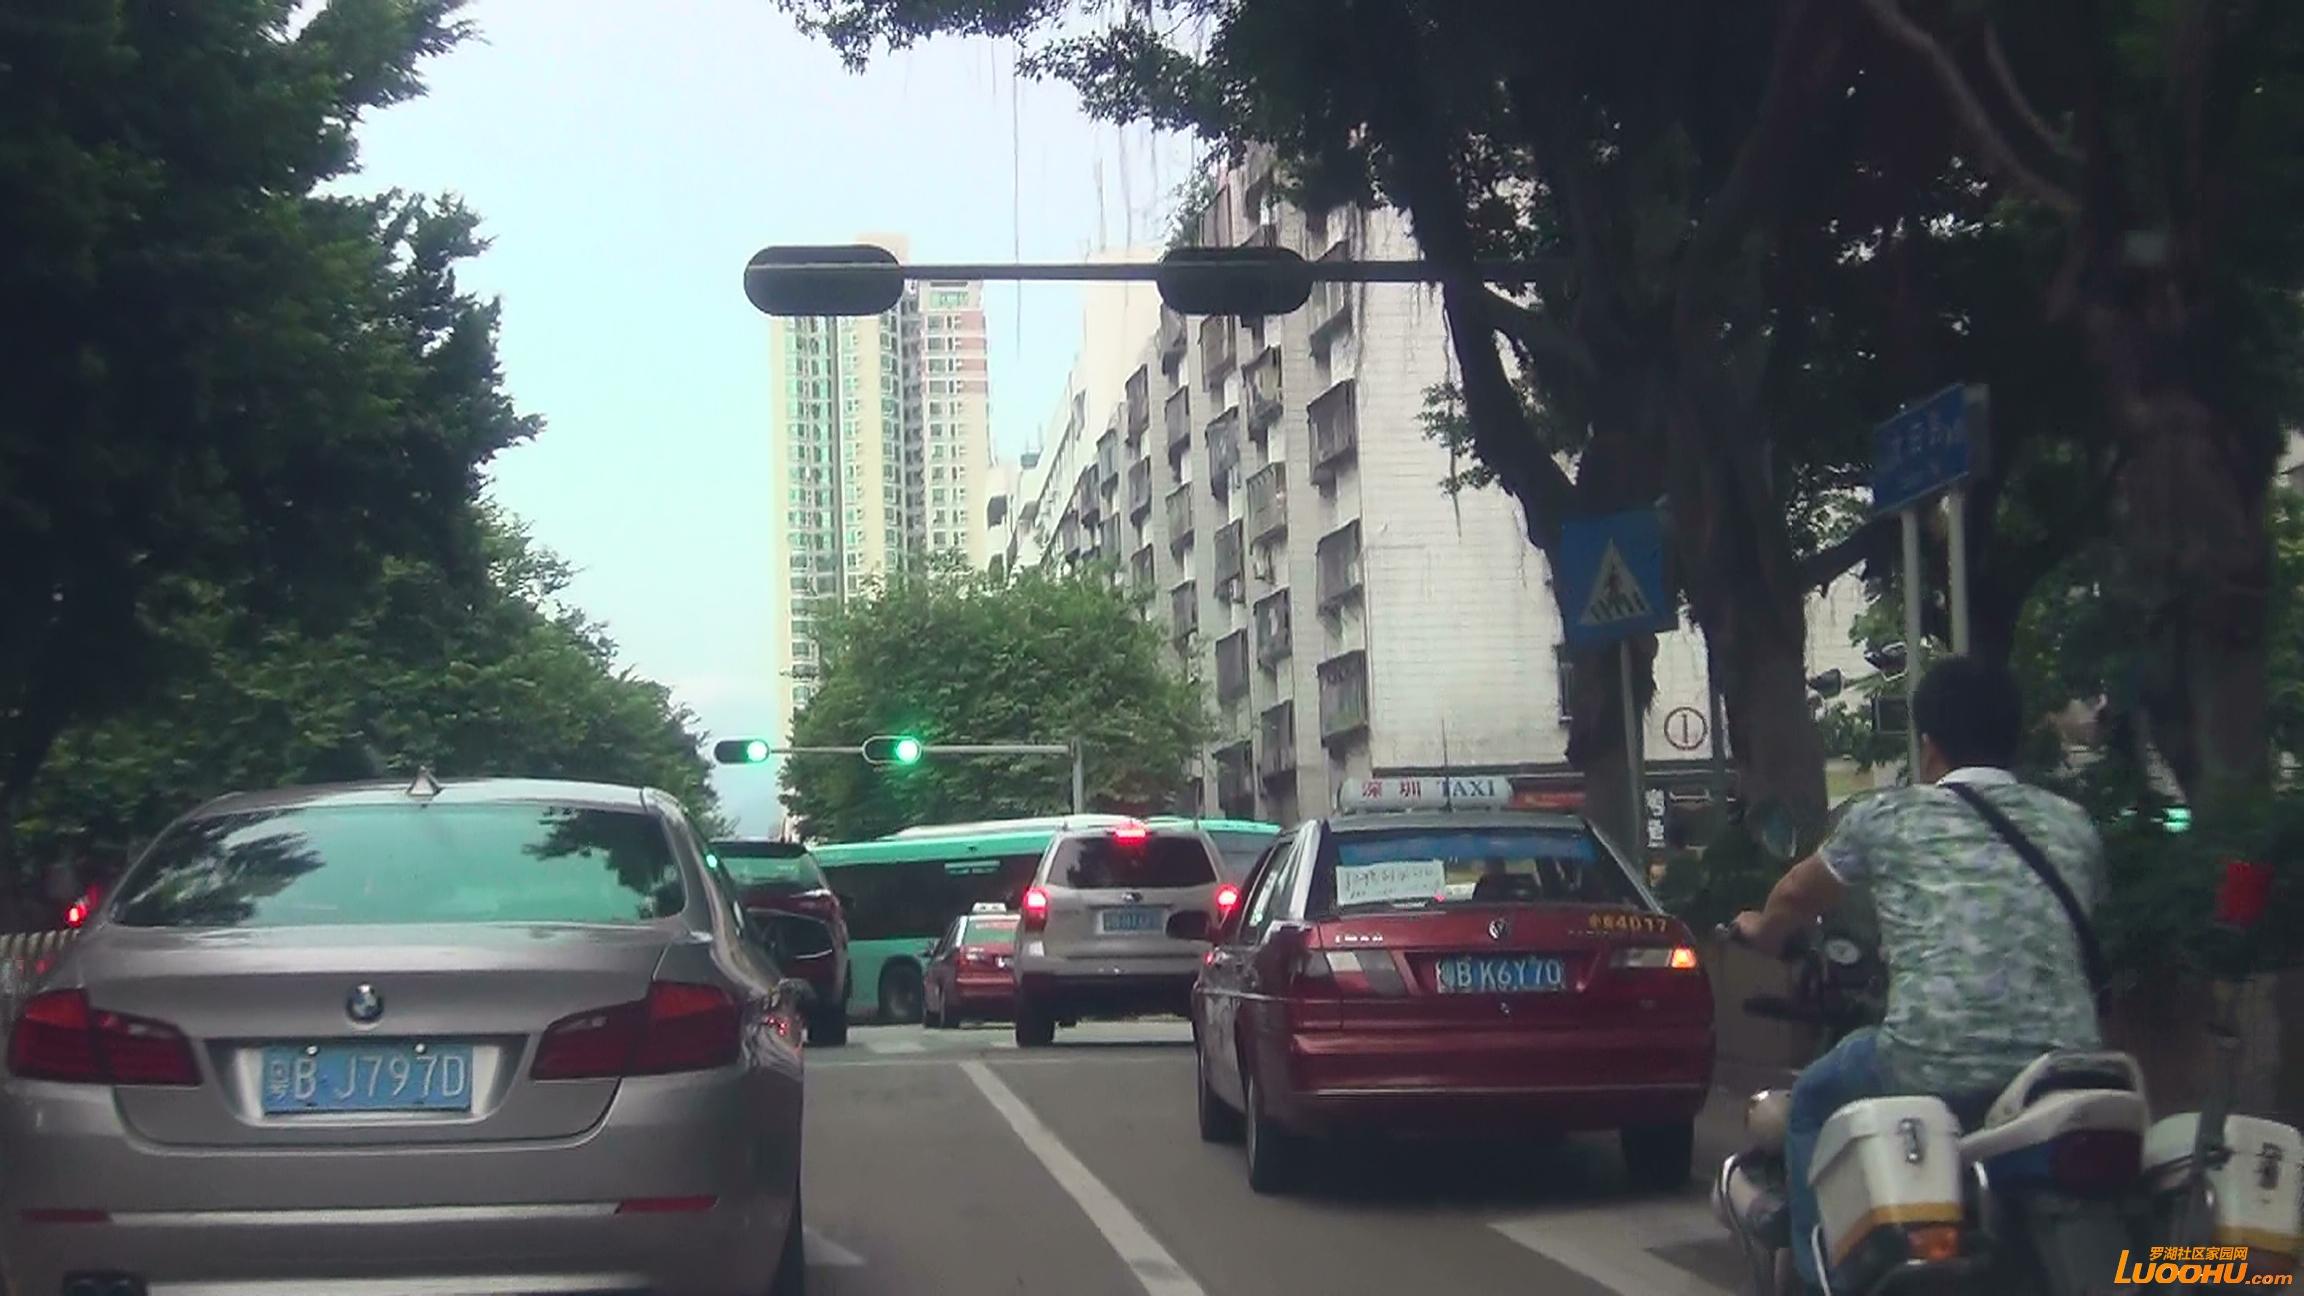 太白路西往东白色轿车从右转车道压线进入直行道后再次压线回到右转车道 (6).jpg.jpg